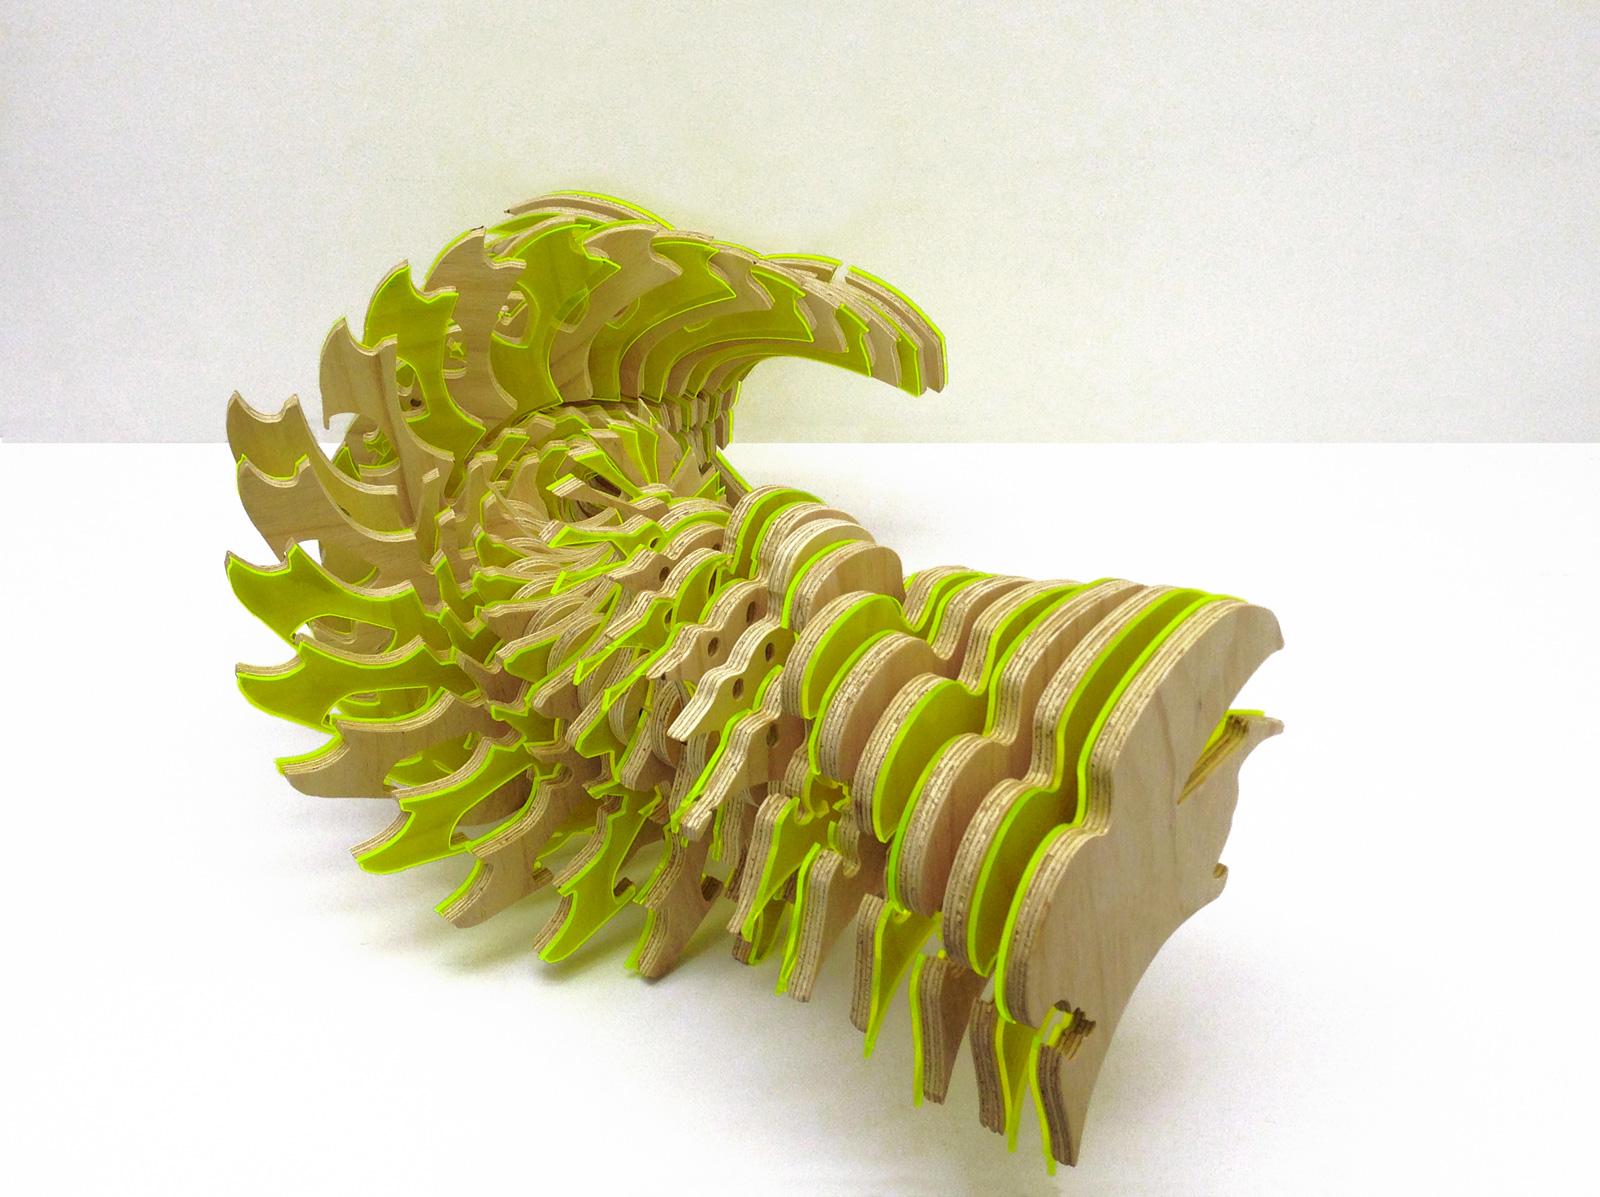 KAREN-AUNE-Lapsus-Tropicus-Escultura-Mutación